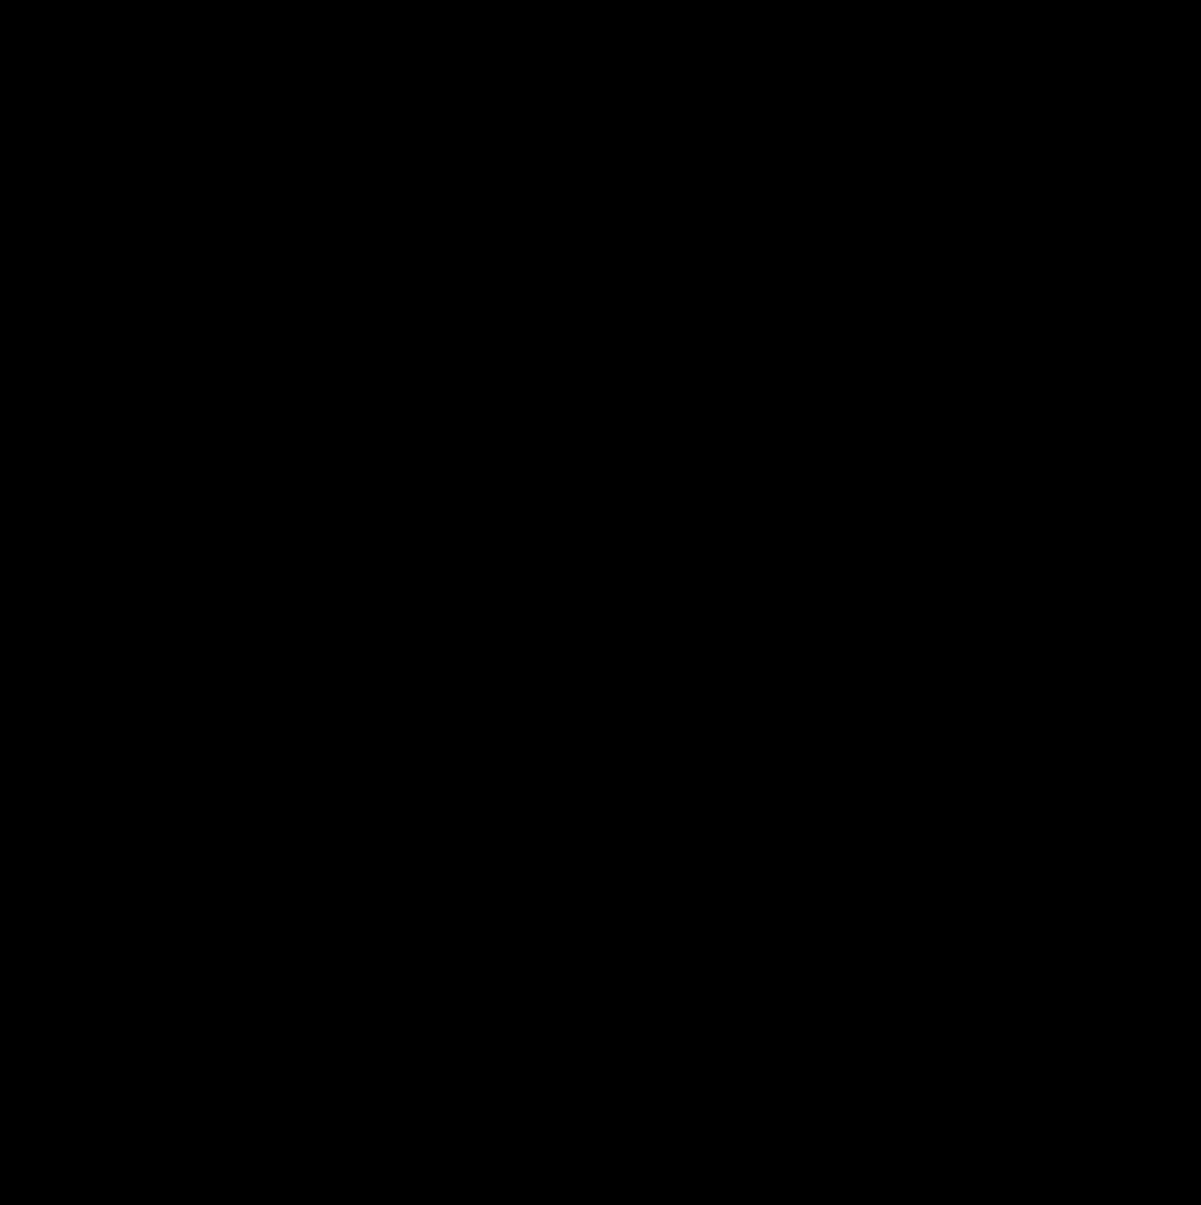 Nom_Svart-transp